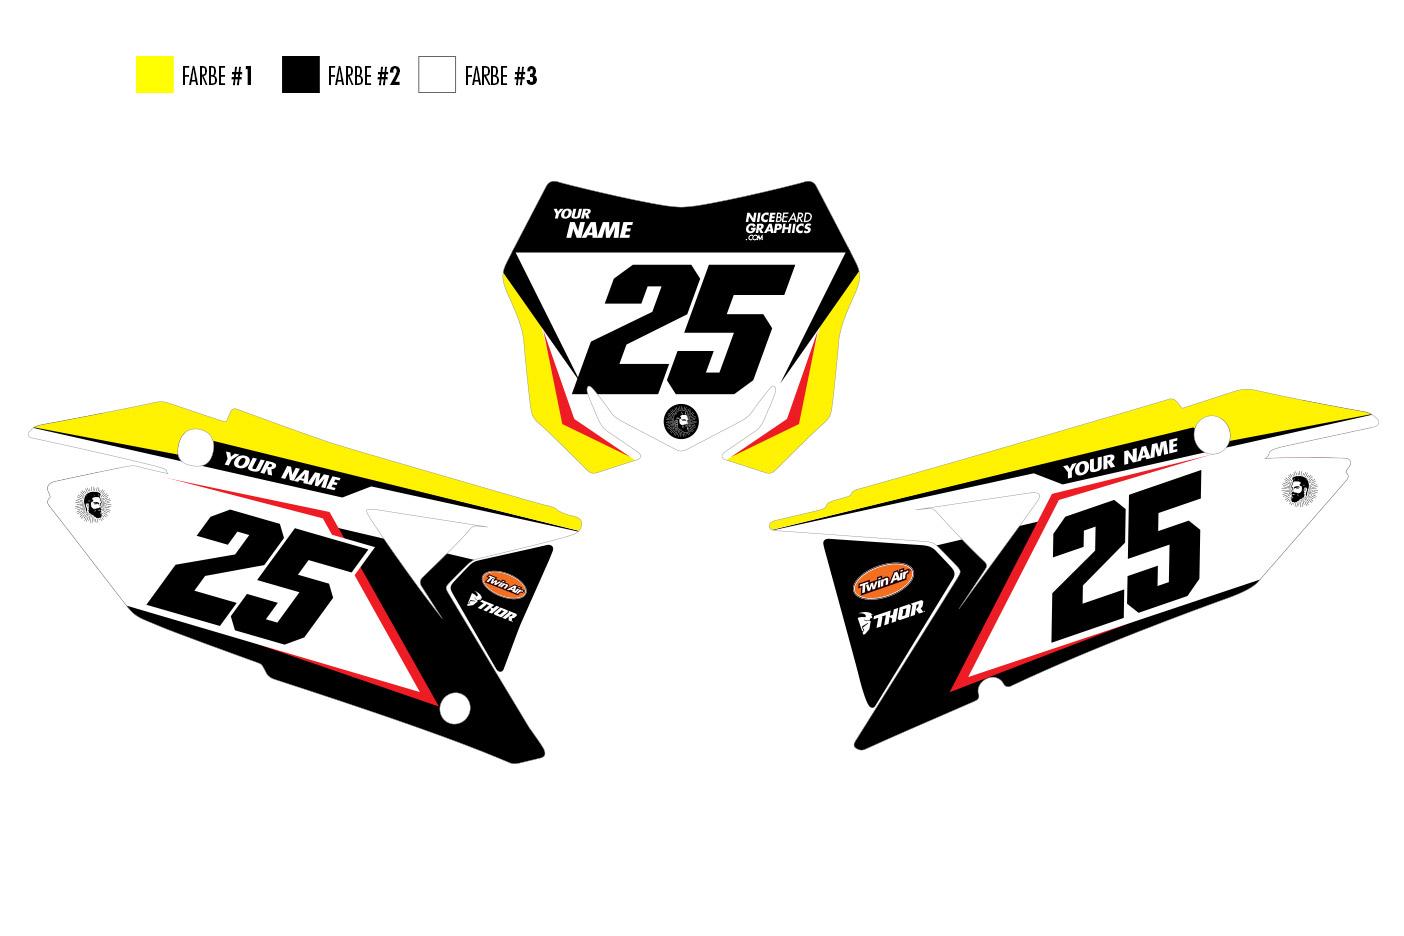 Suzuki Traction Nummerntafelset in gelb, schwarz und weiß